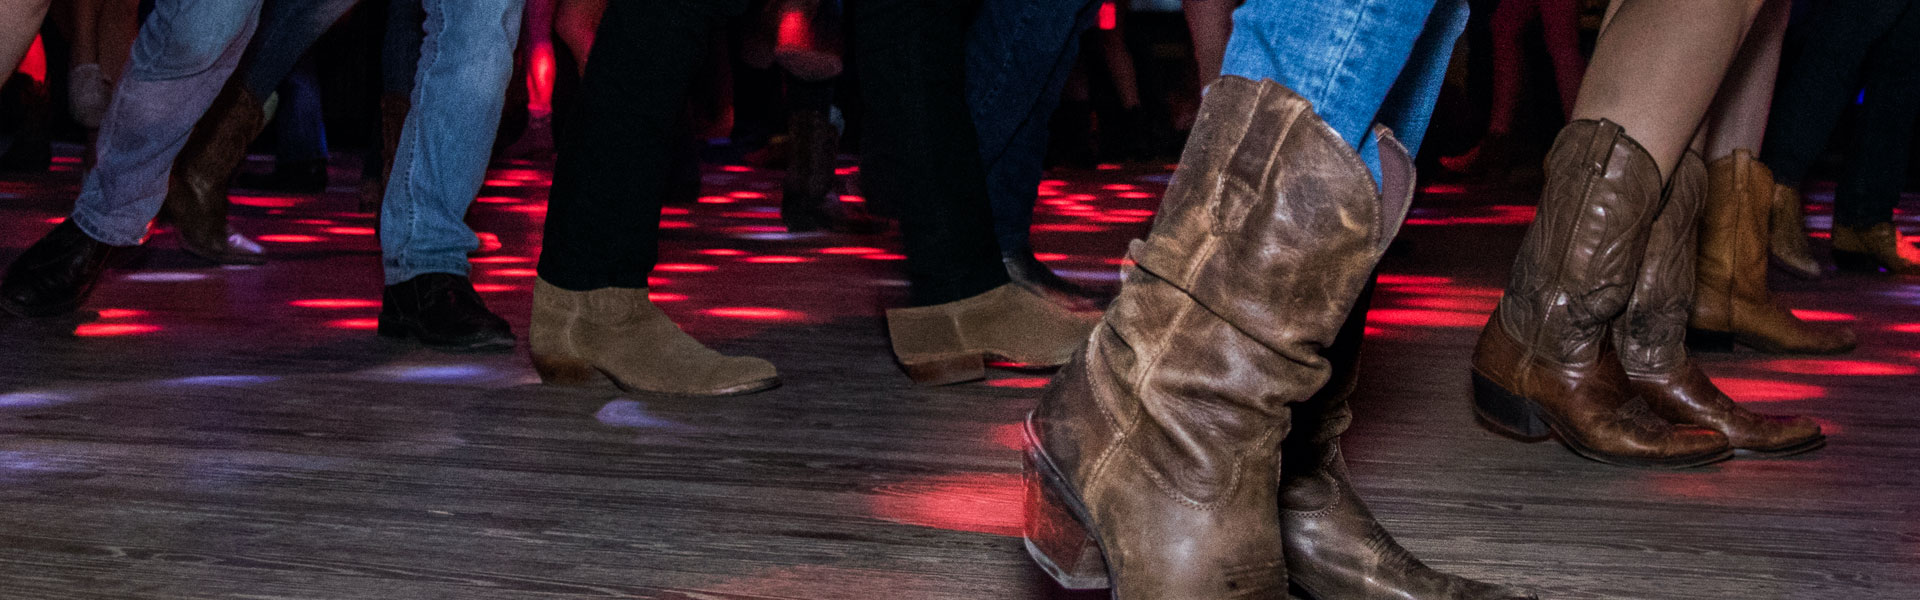 Country Dancing on a Dancefloor, Galveston TX